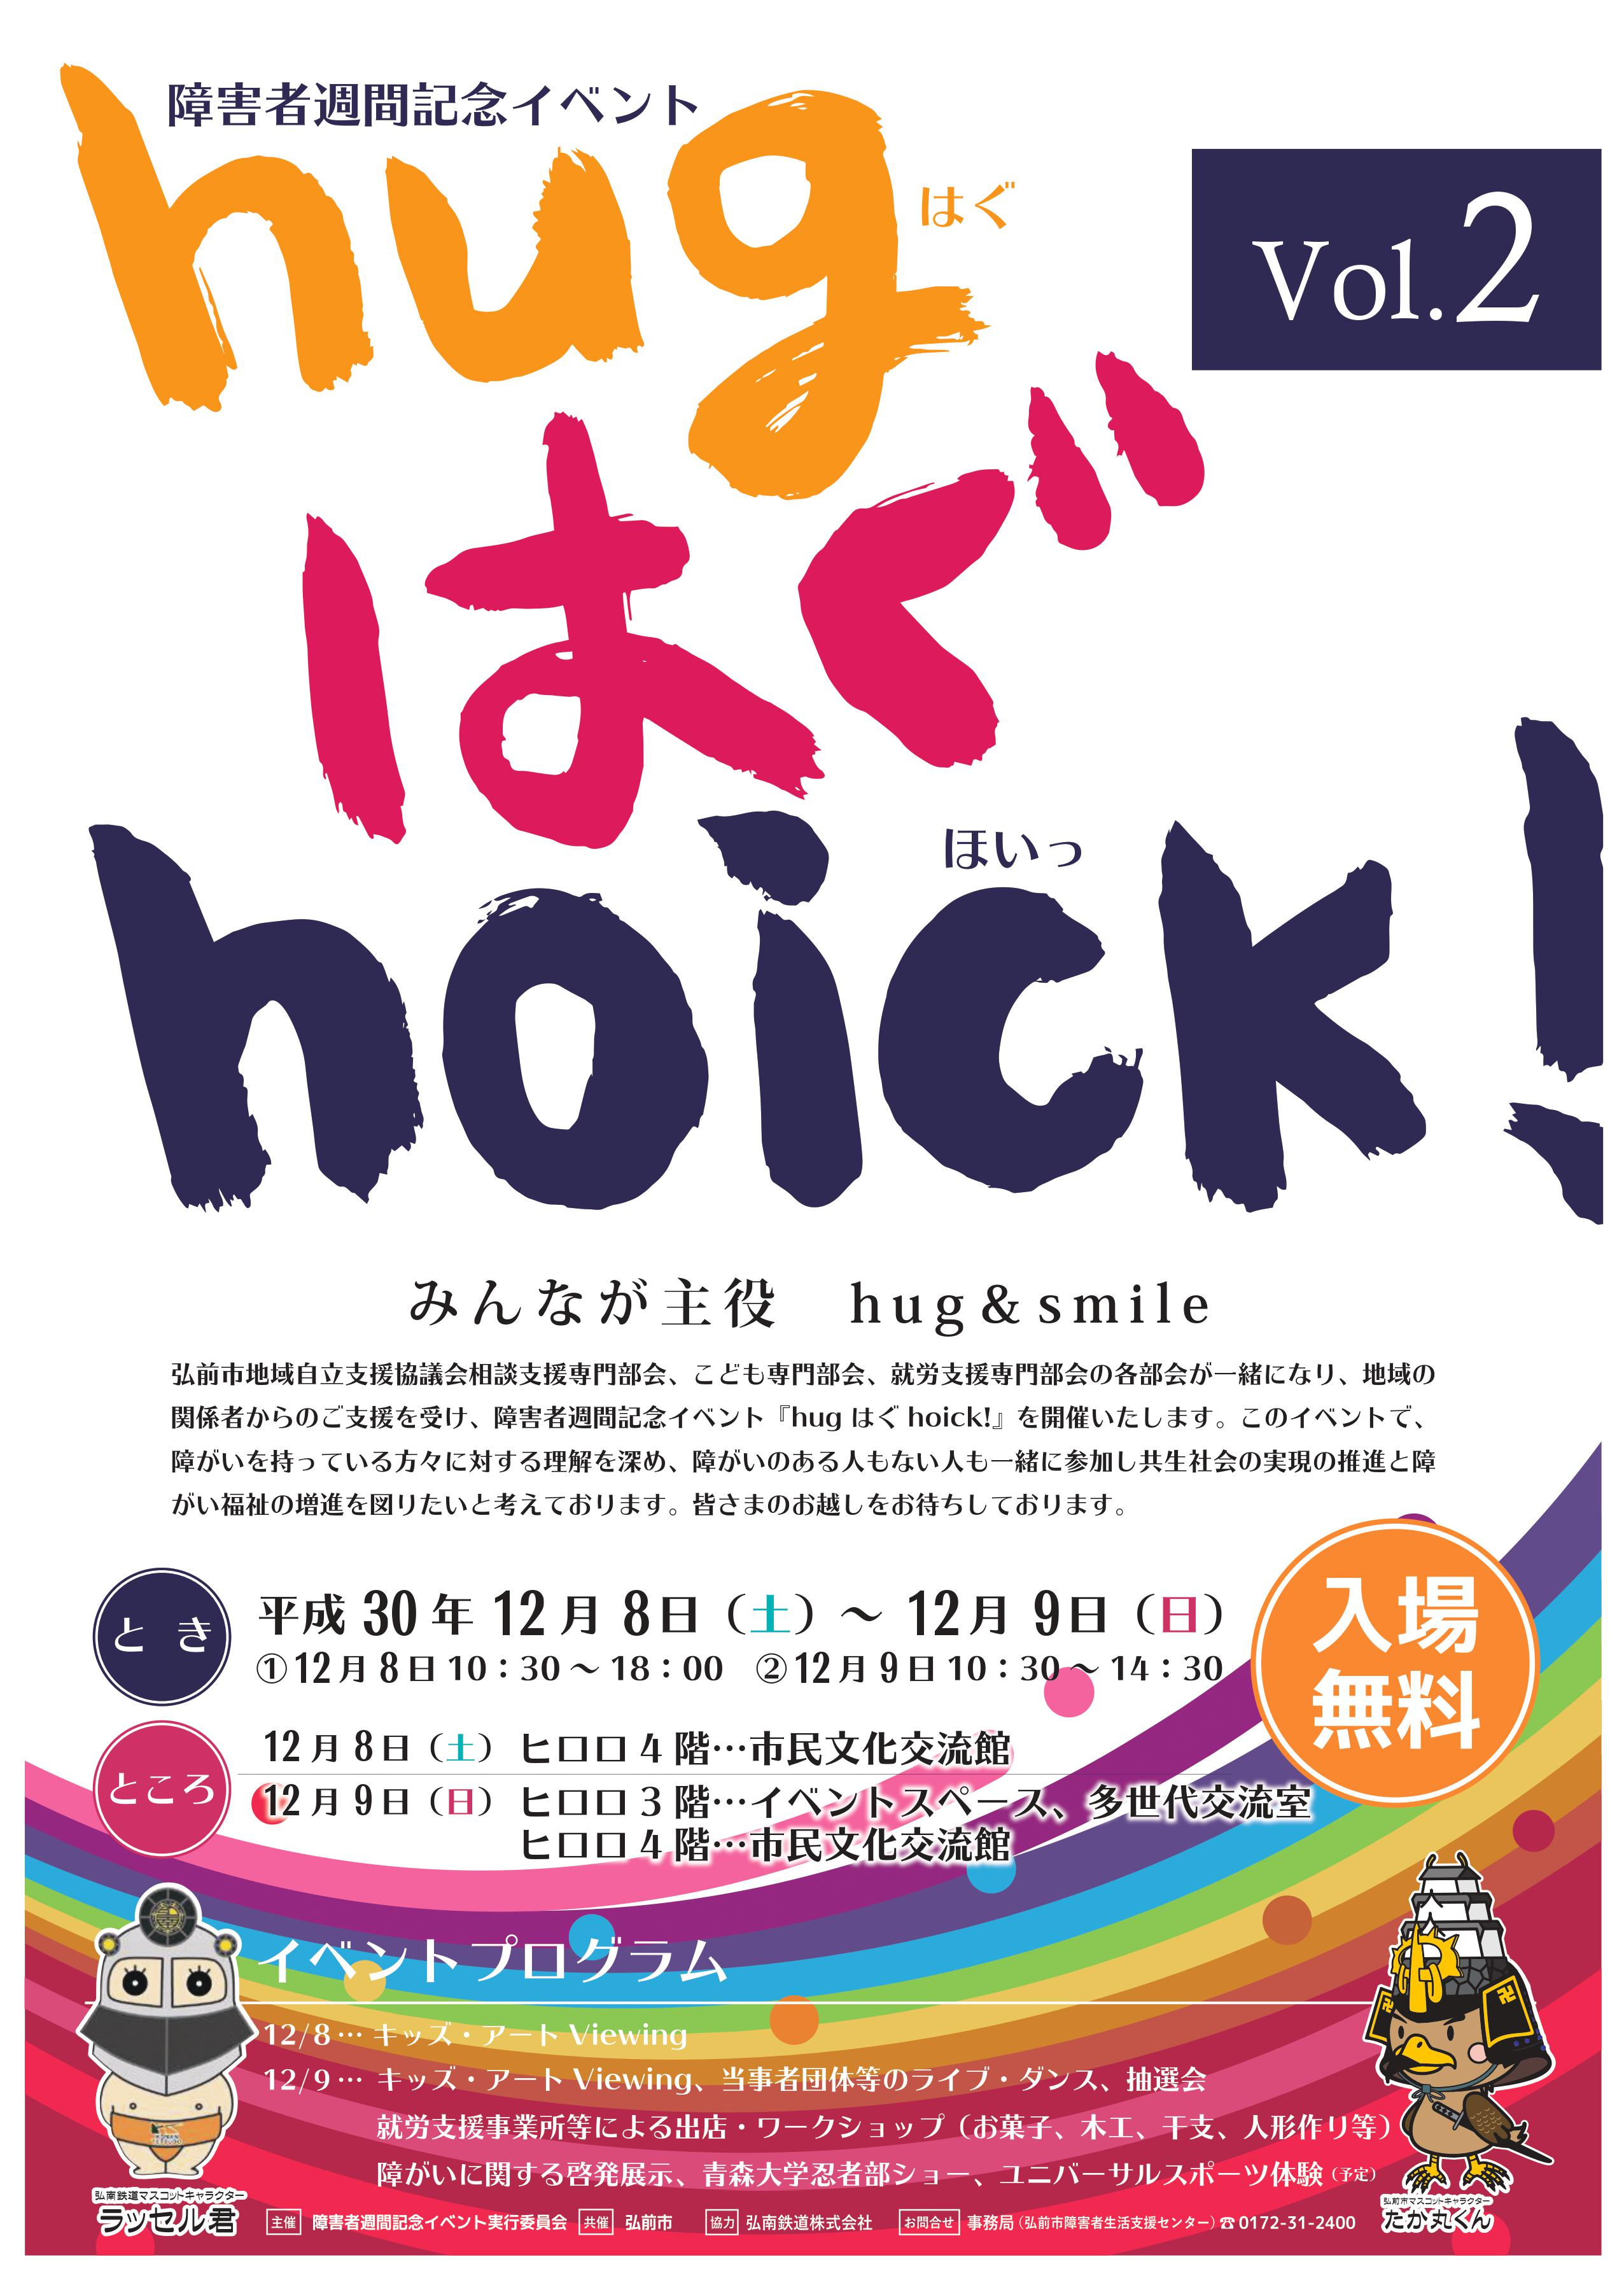 障害者週間記念イベント「hug はぐ hoick!」